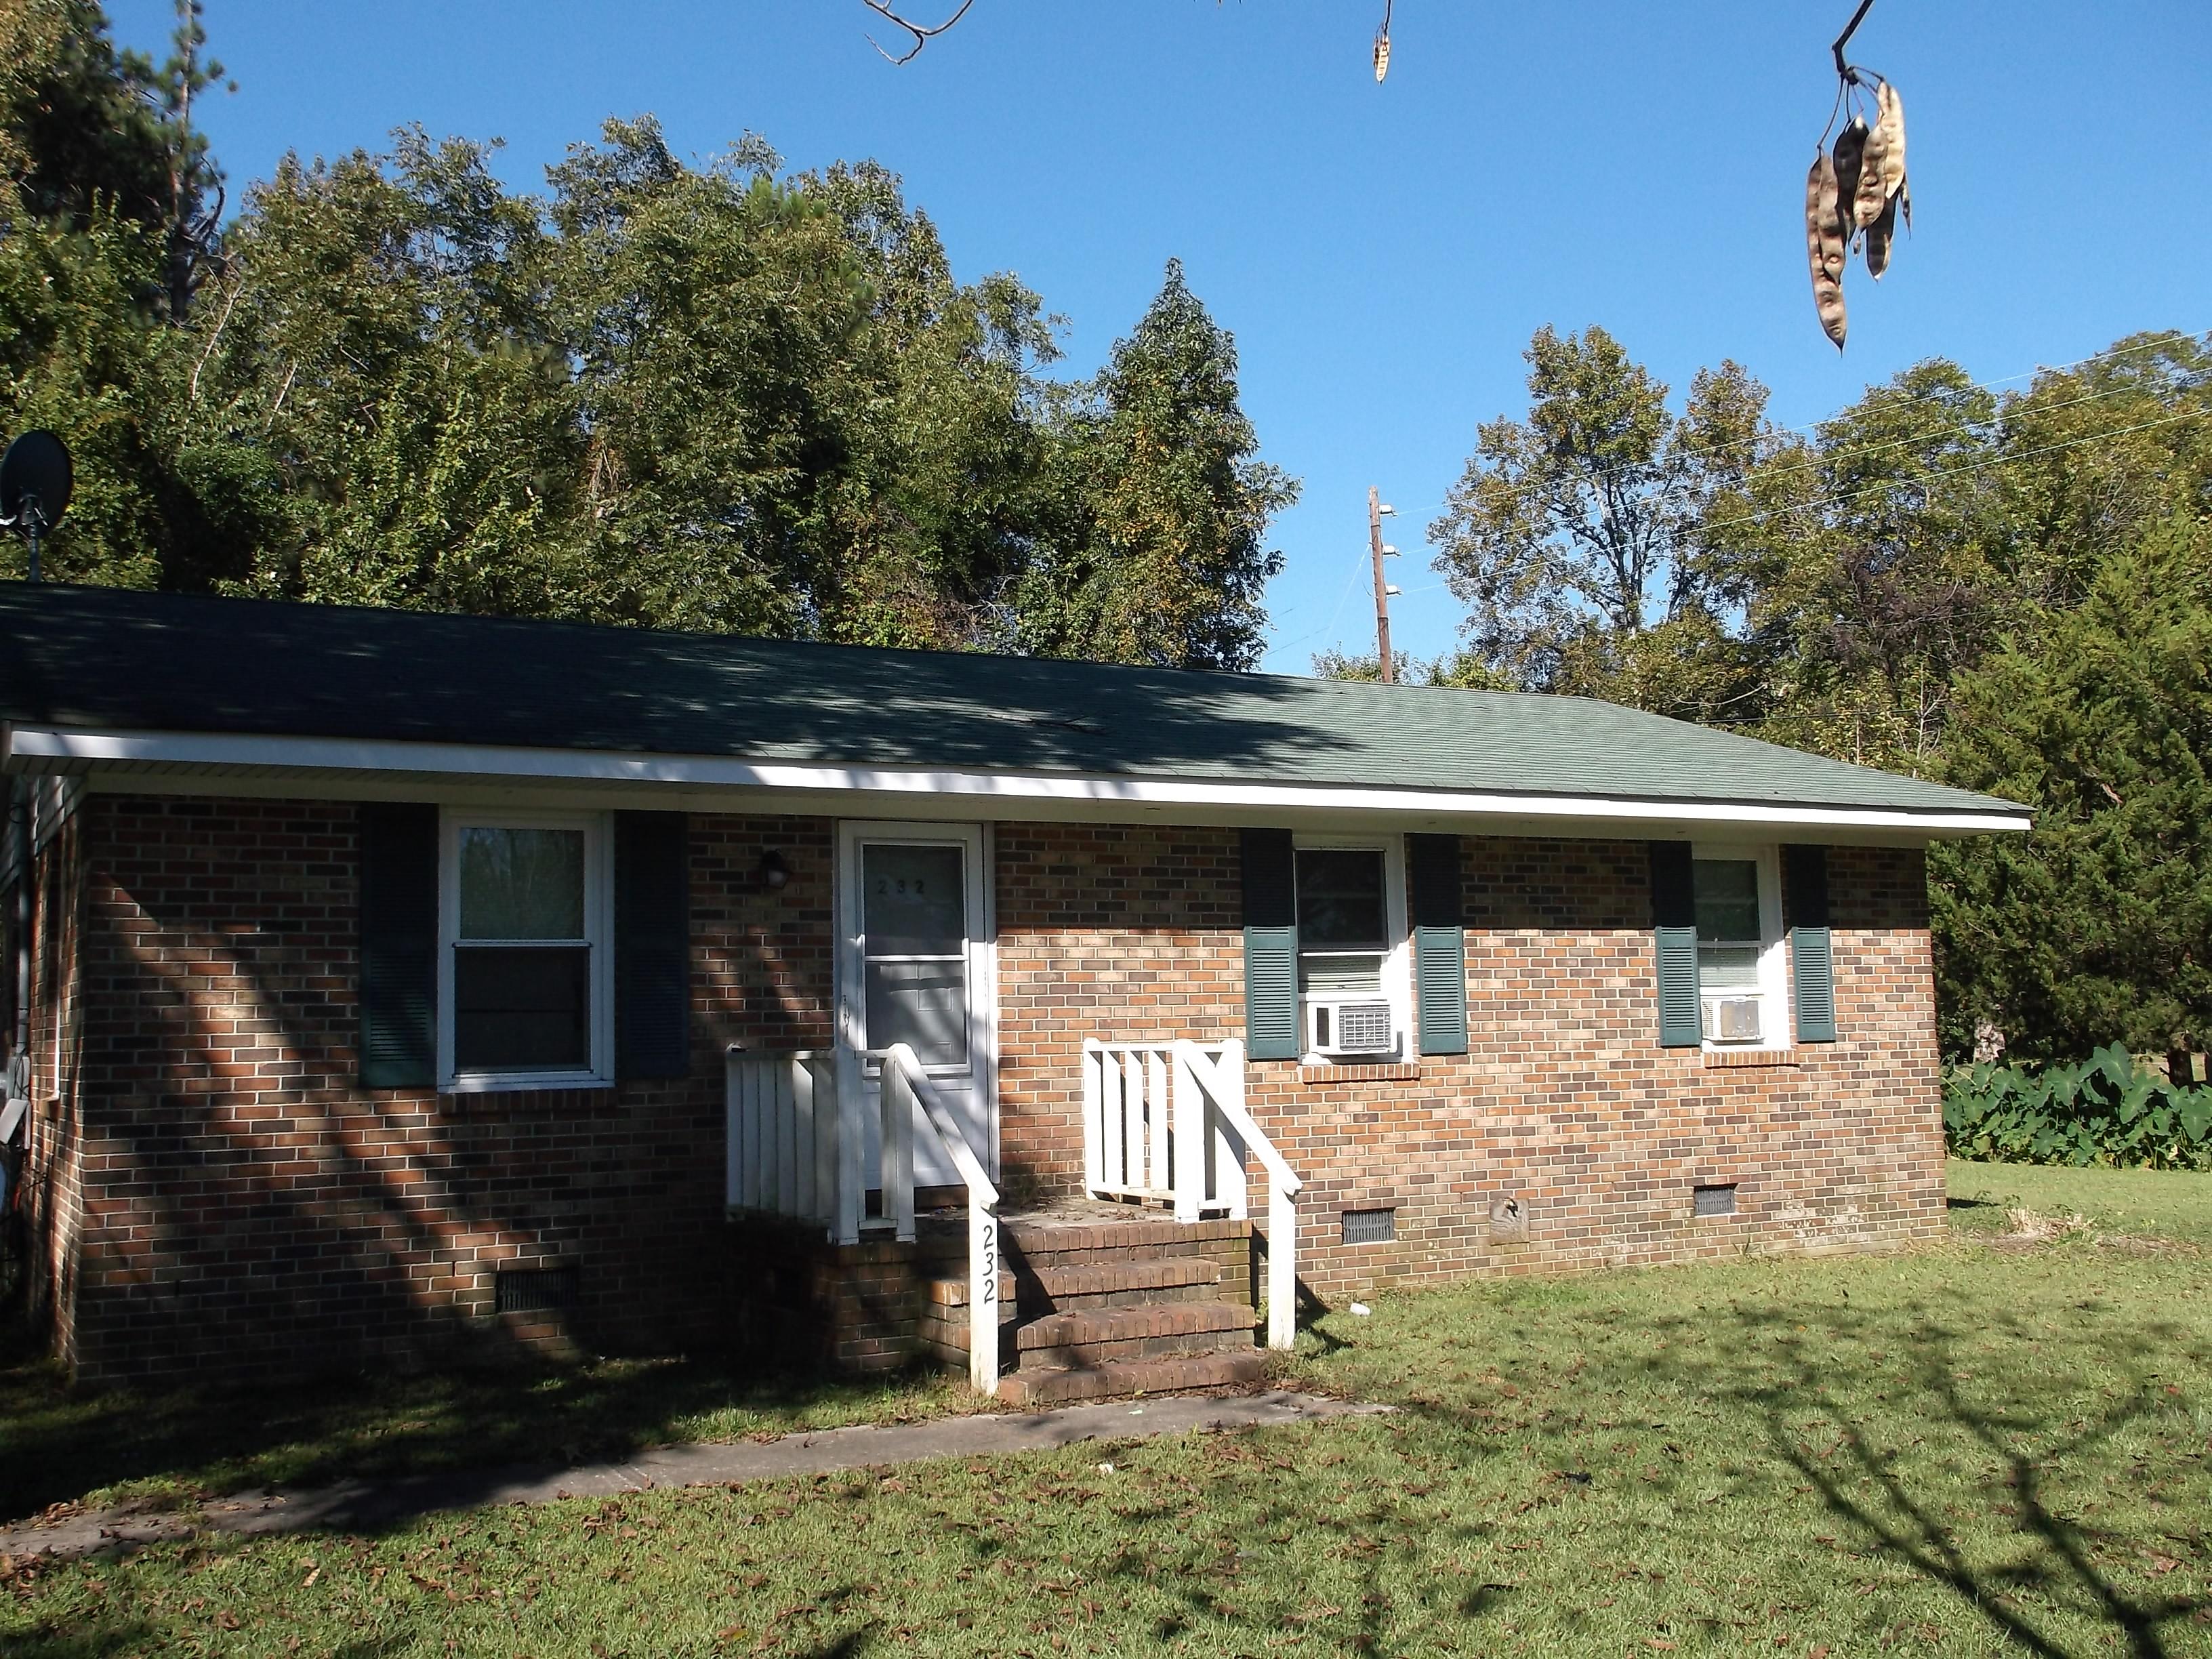 232Old Hwy 211, Bolton, North Carolina 28423